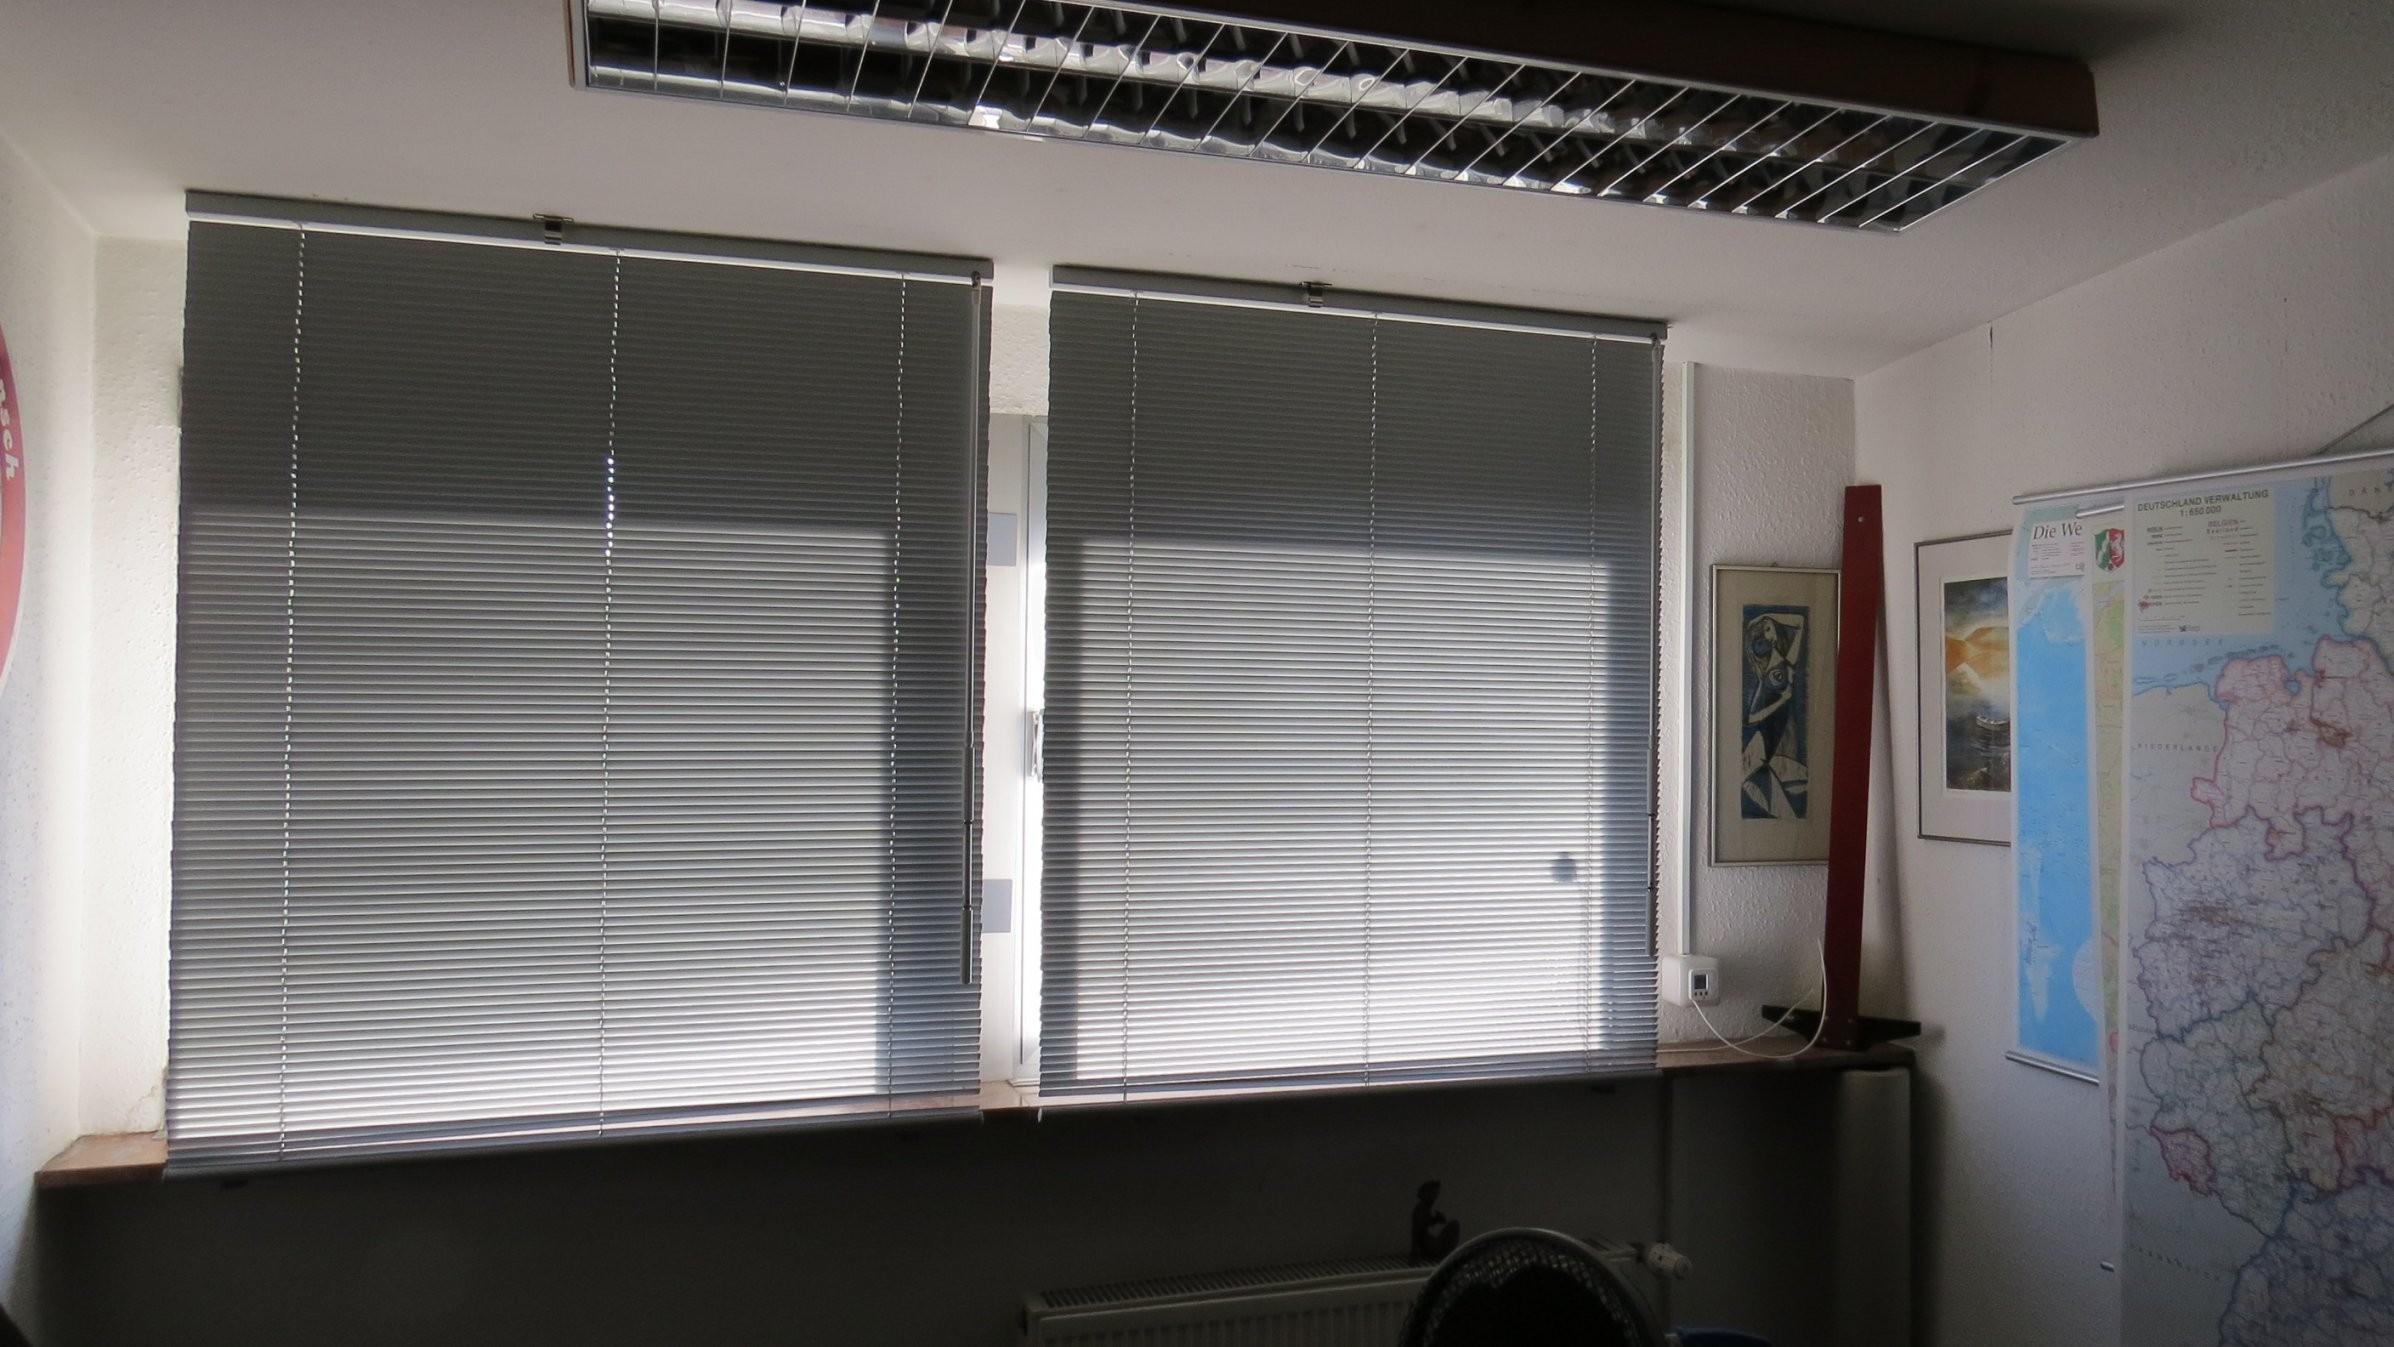 Innenjalousien Für Giebelfenster  Rollomeister von Jalousien Für Fenster Innen Bild